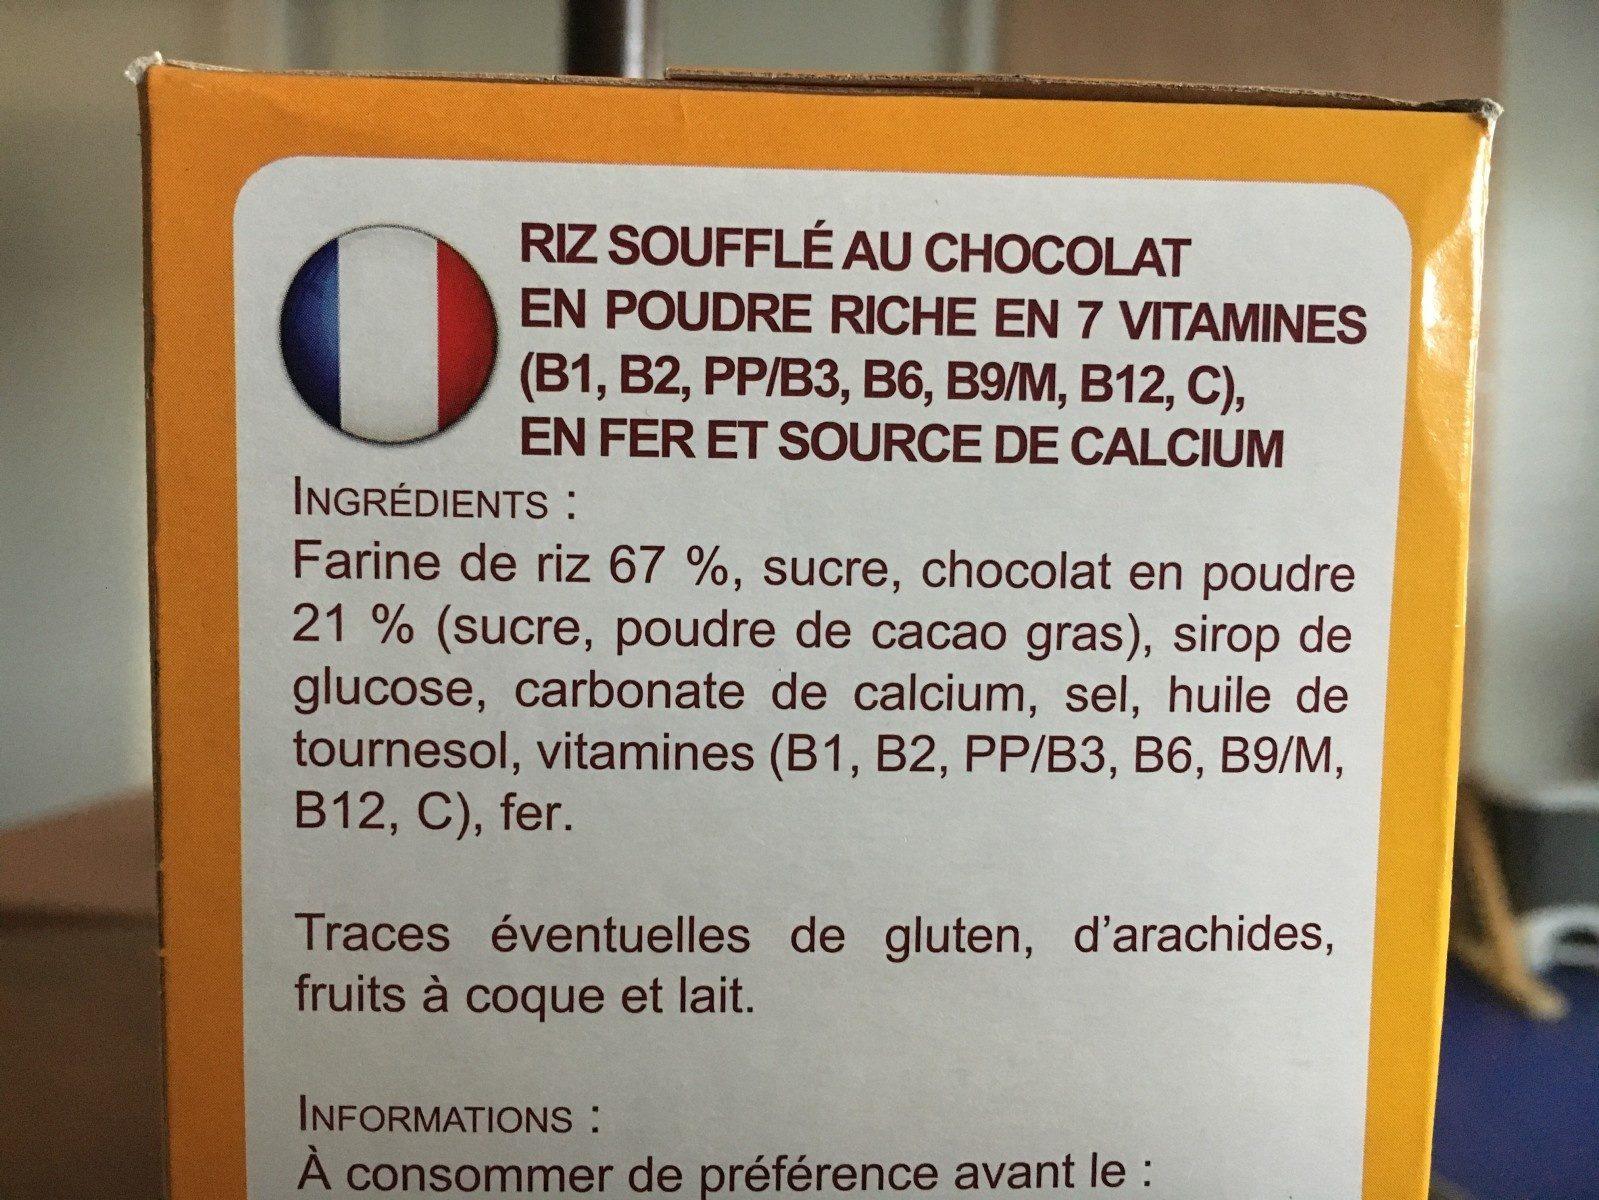 Riz soufflé choco - Ingredients - fr